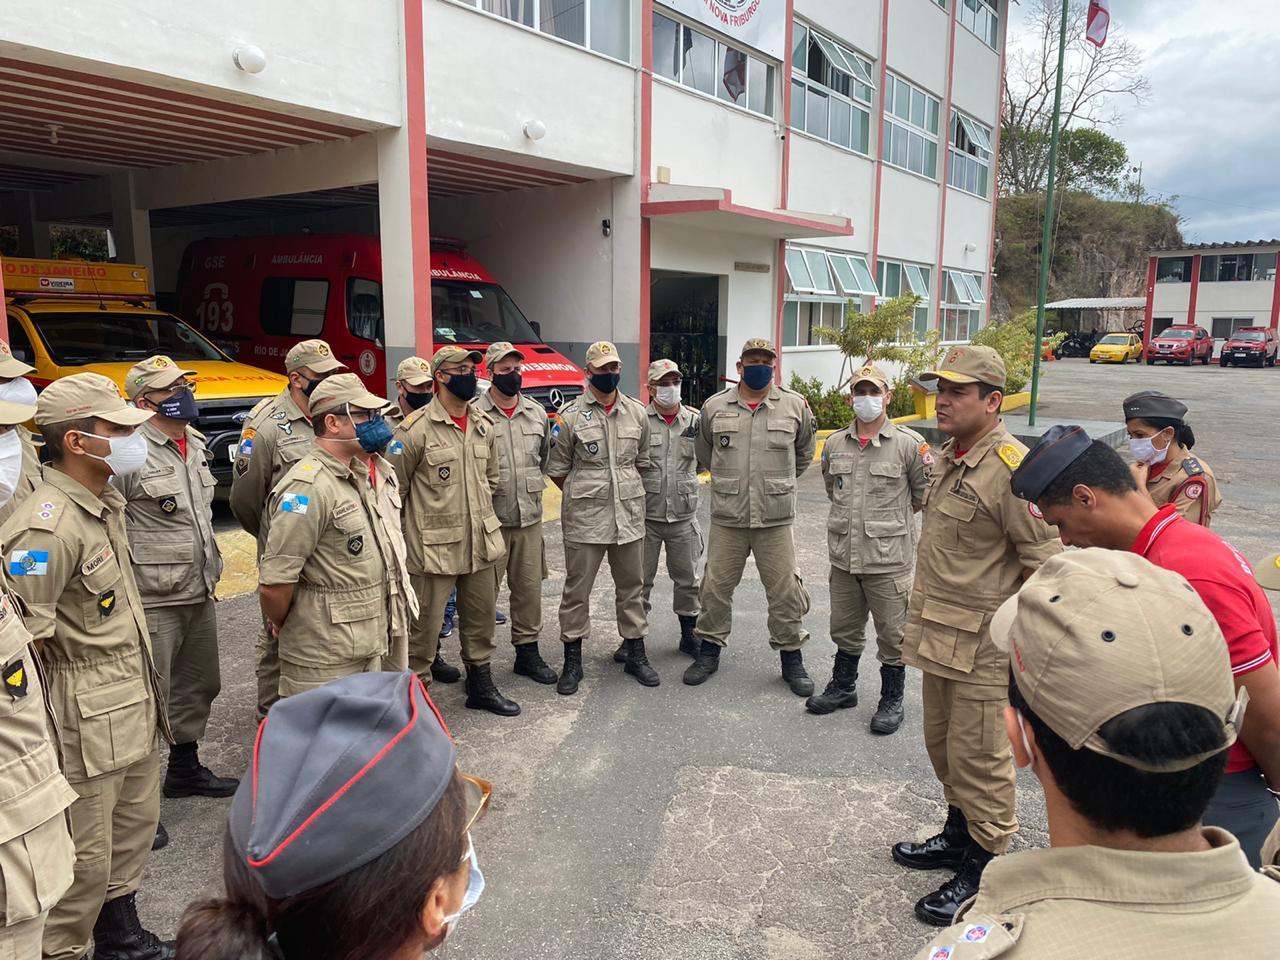 A visita do novo comandante ao 6º GBM (Foto 6º GBM)